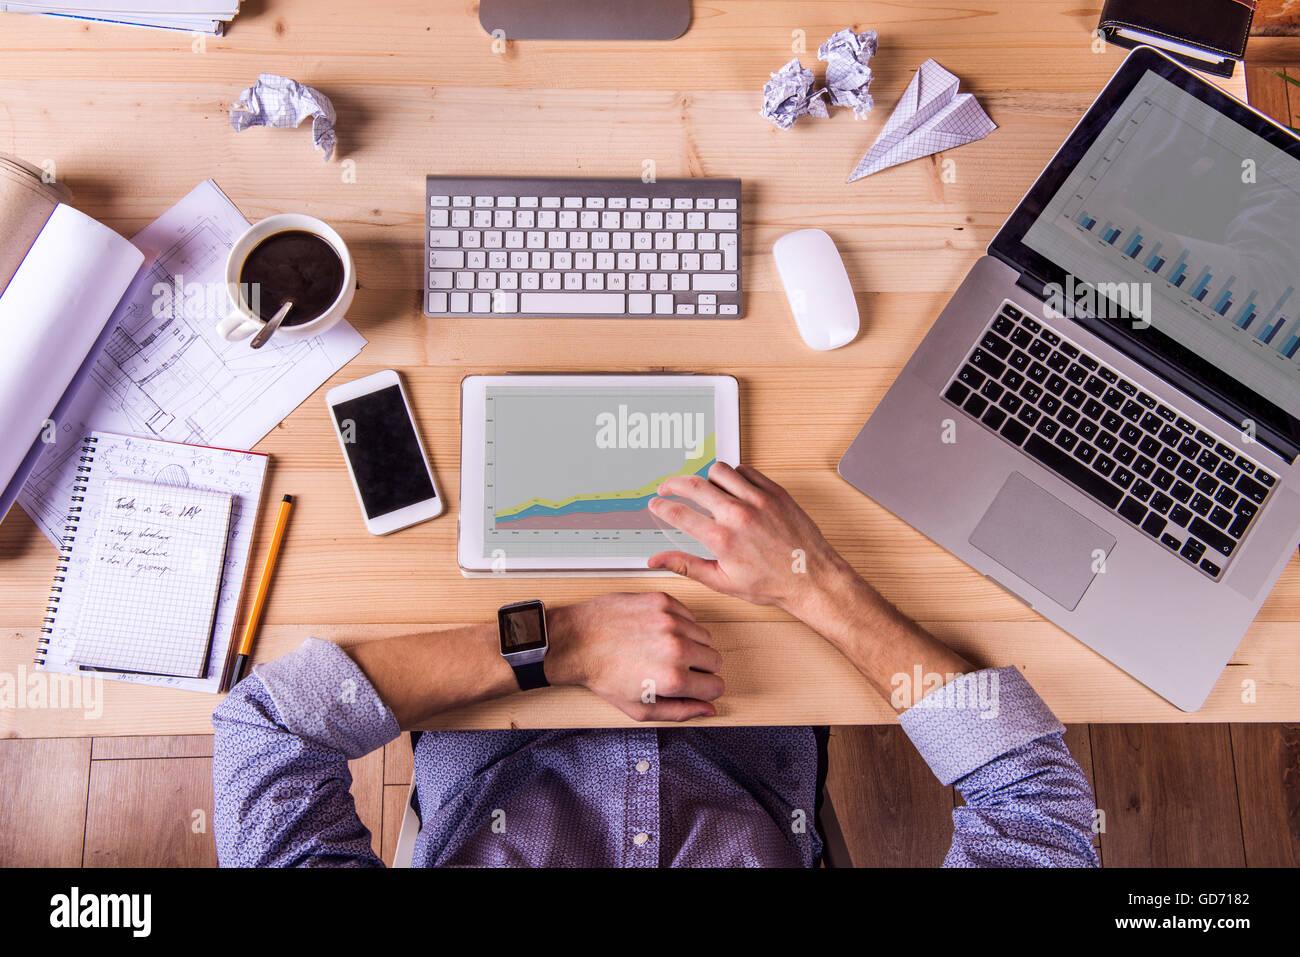 Geschaftsmann Am Schreibtisch Buro Gadgets Und Zubehor Stockfotografie Alamy